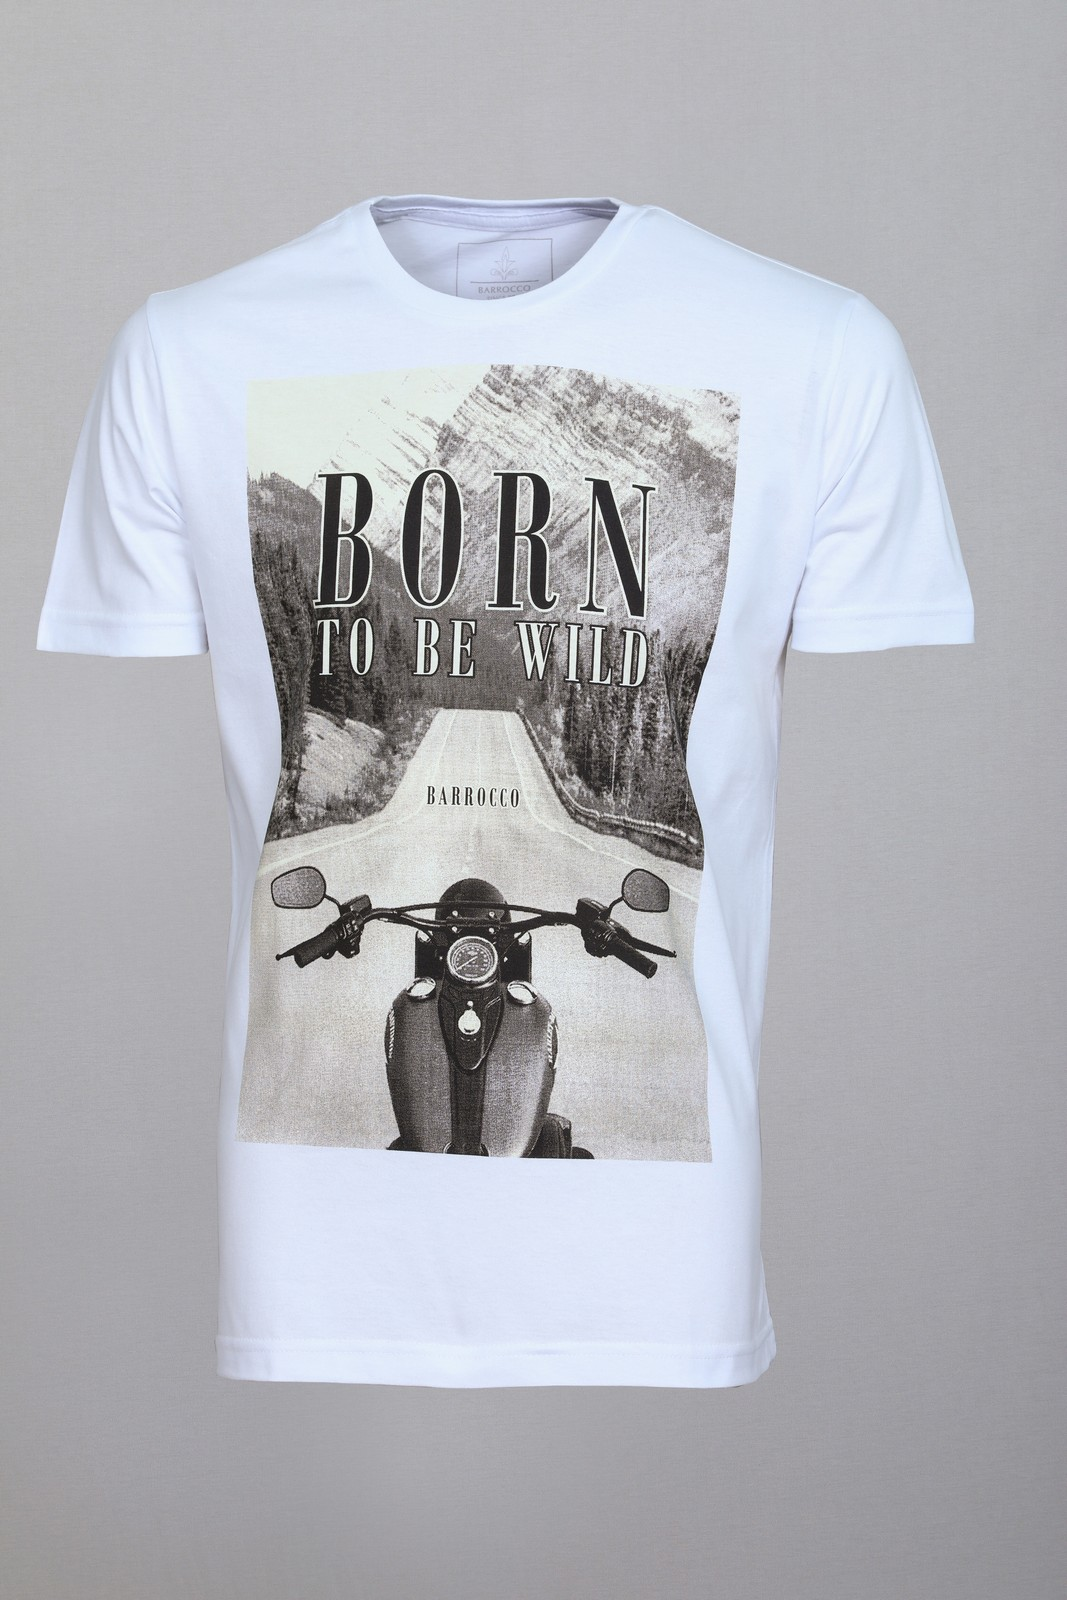 Kit Camisetas Barrocco Motos - 3 Camisetas Cor Branca/ Tamanho P